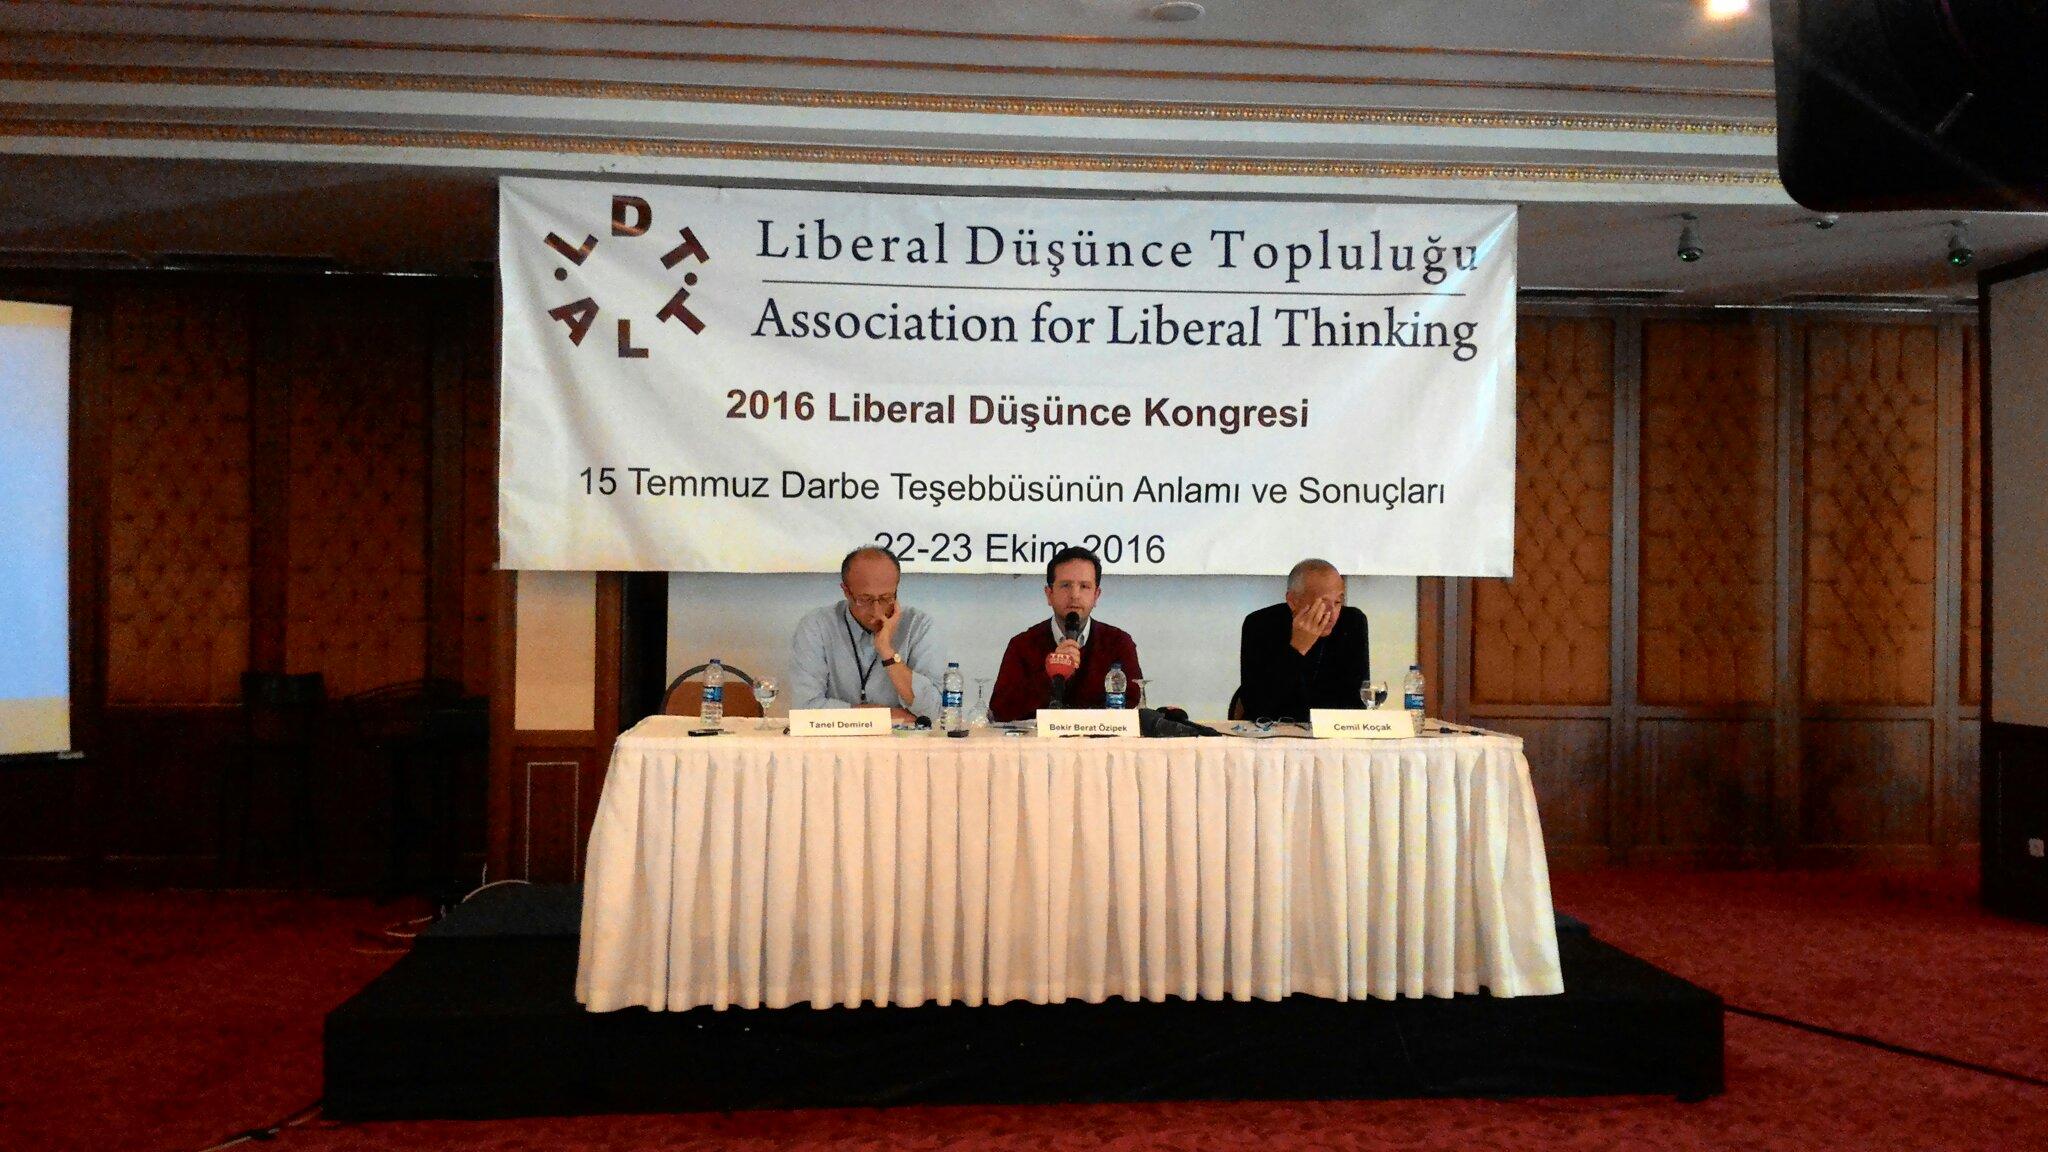 Liberal Düşünce Kongresi'nin ilk oturumunda Prof.Dr. Bekir Berat Özipek, Prof. Dr. Cemil Koçak ve Prof.Dr.Tanel Demirel konuşuyor. #2016LDK https://t.co/n7MXz5bvVw